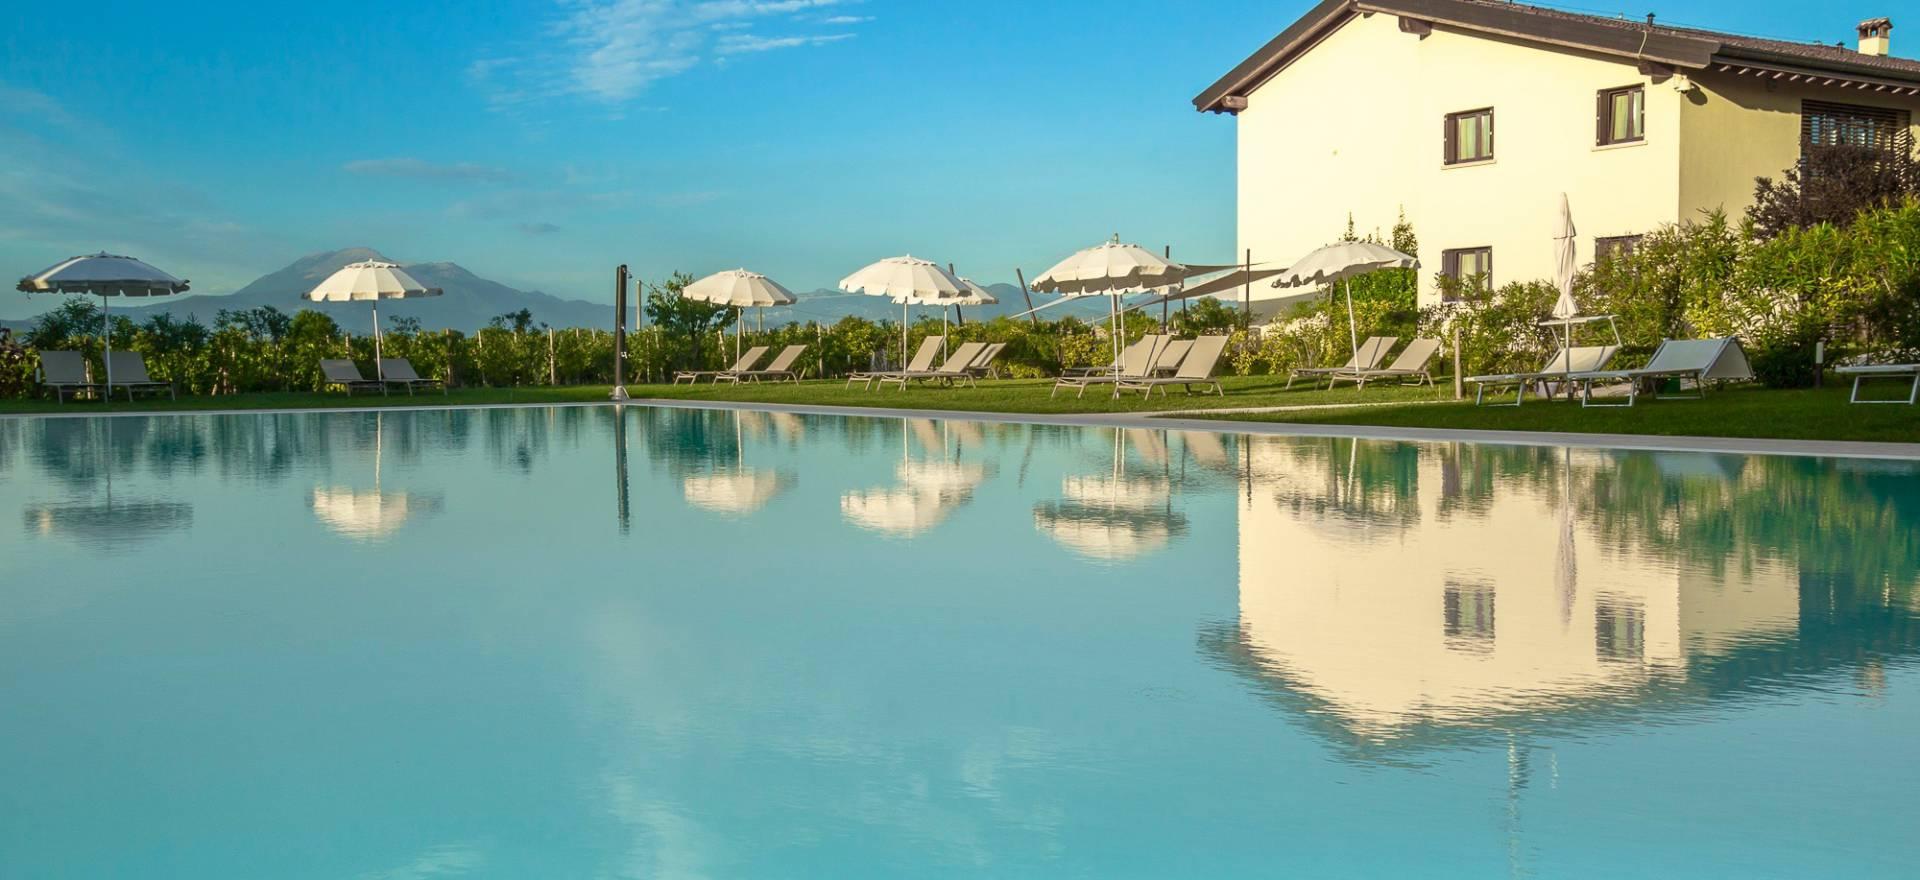 Agriturismo Comomeer en Gardameer Familie agriturismo Gardameer met groot zwembad